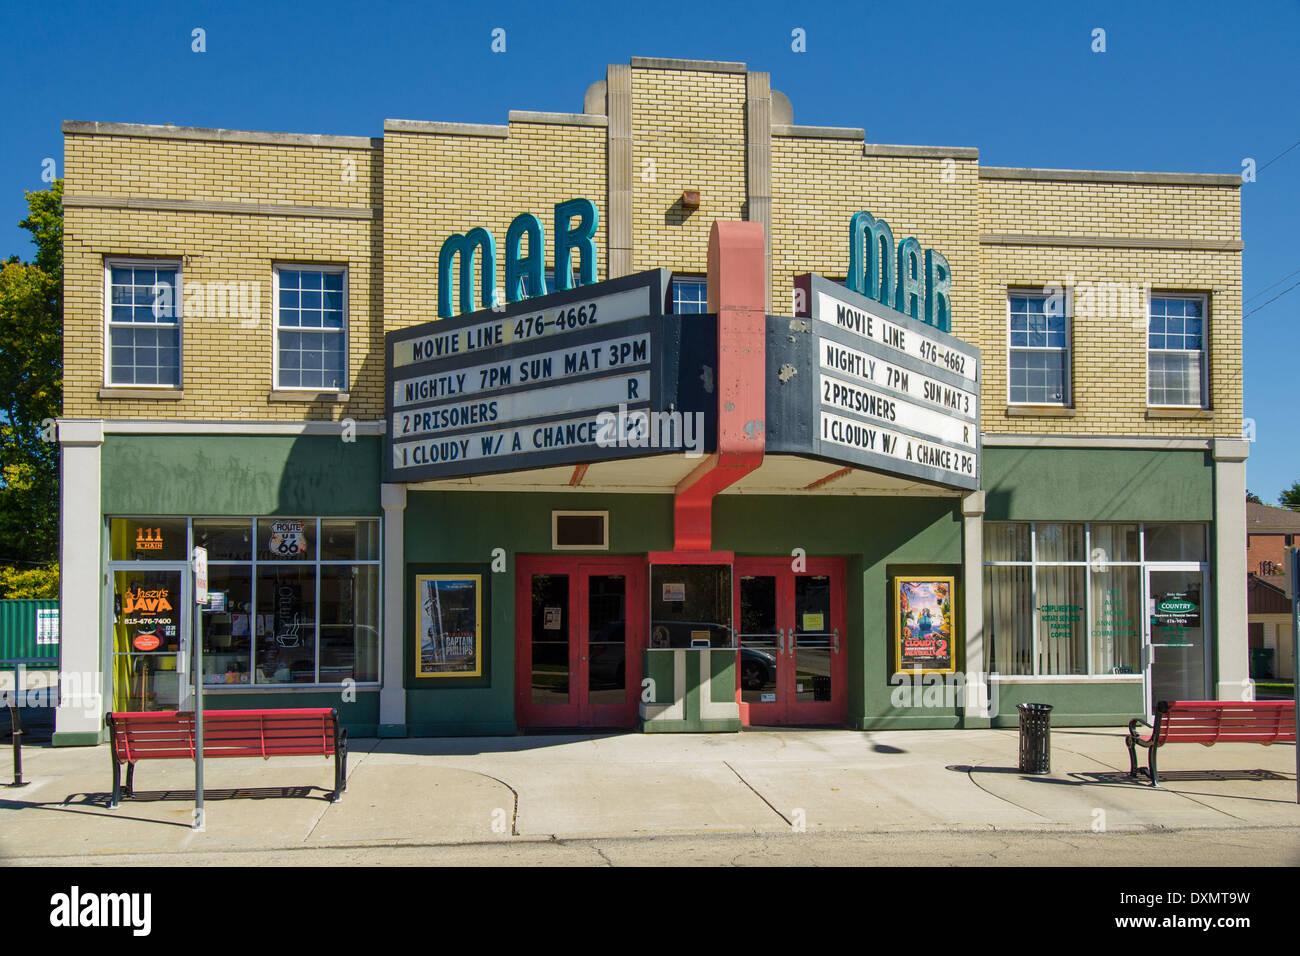 Das historische Mar Theater, das 1937 eröffnete ist noch in Betrieb in Wilmington, Illinois, einer Stadt entlang Stockbild